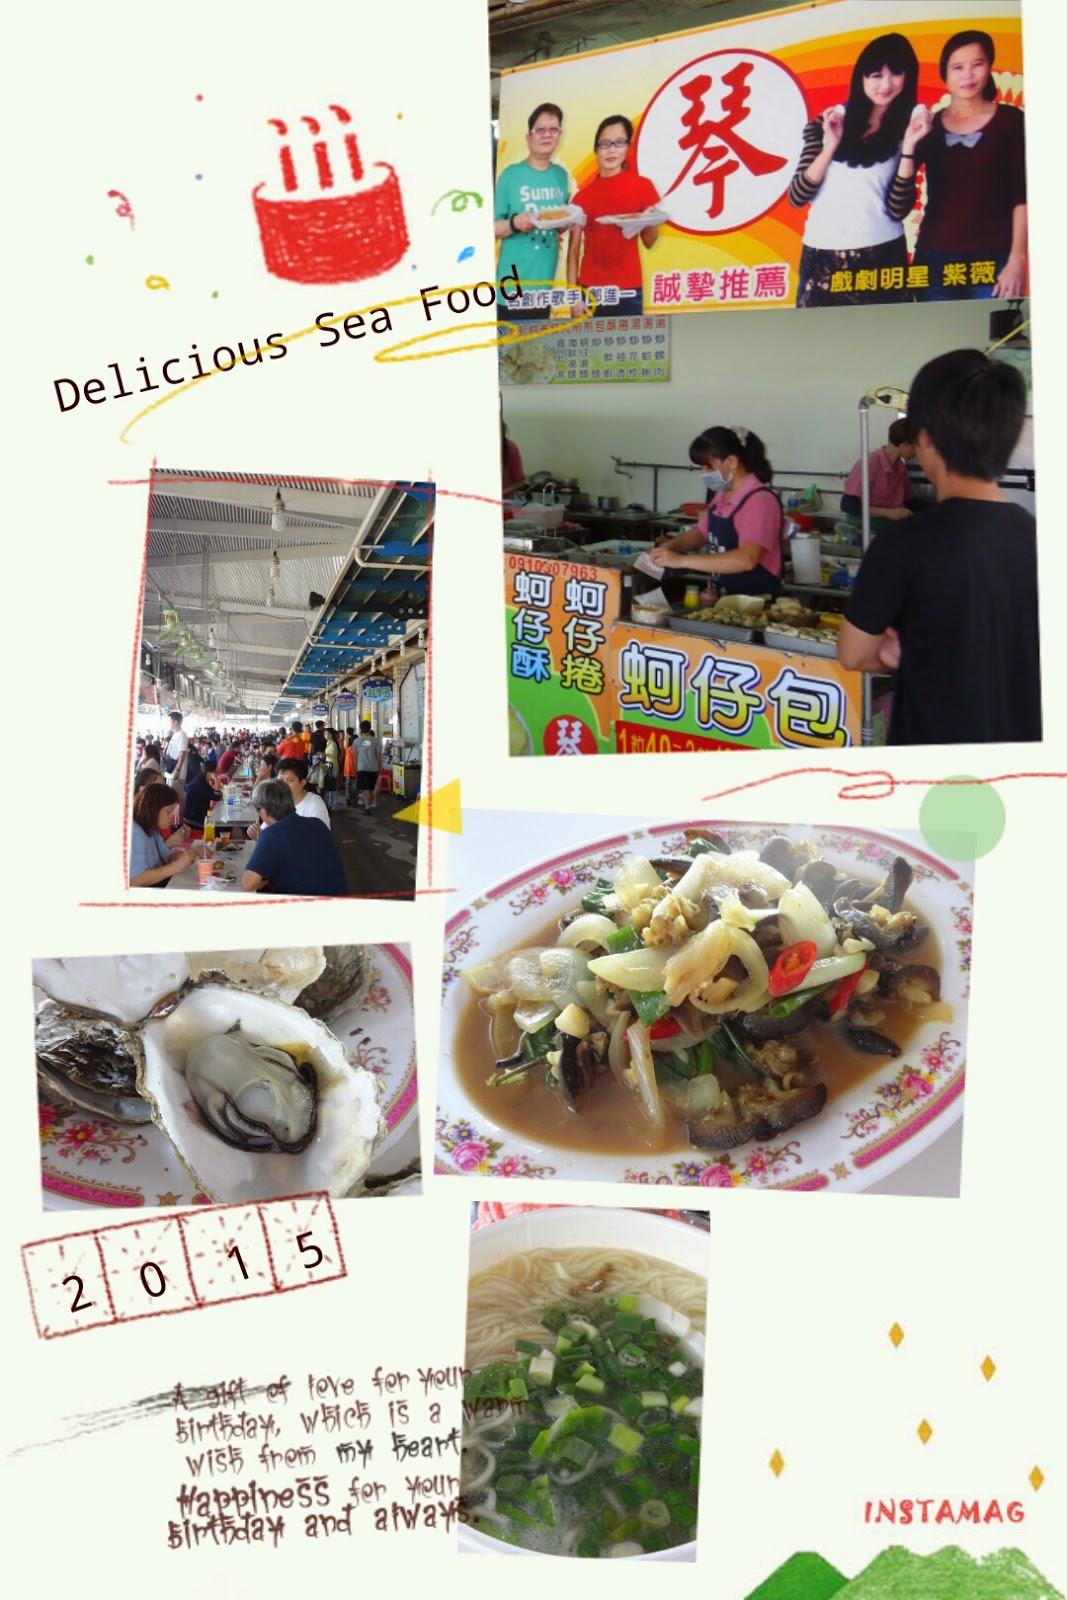 碼頭附近有很多店家,主要販賣海產、蚵類料理。最多的就是烤蚵仔,真的是又大又好吃,一定要去嚐嚐!